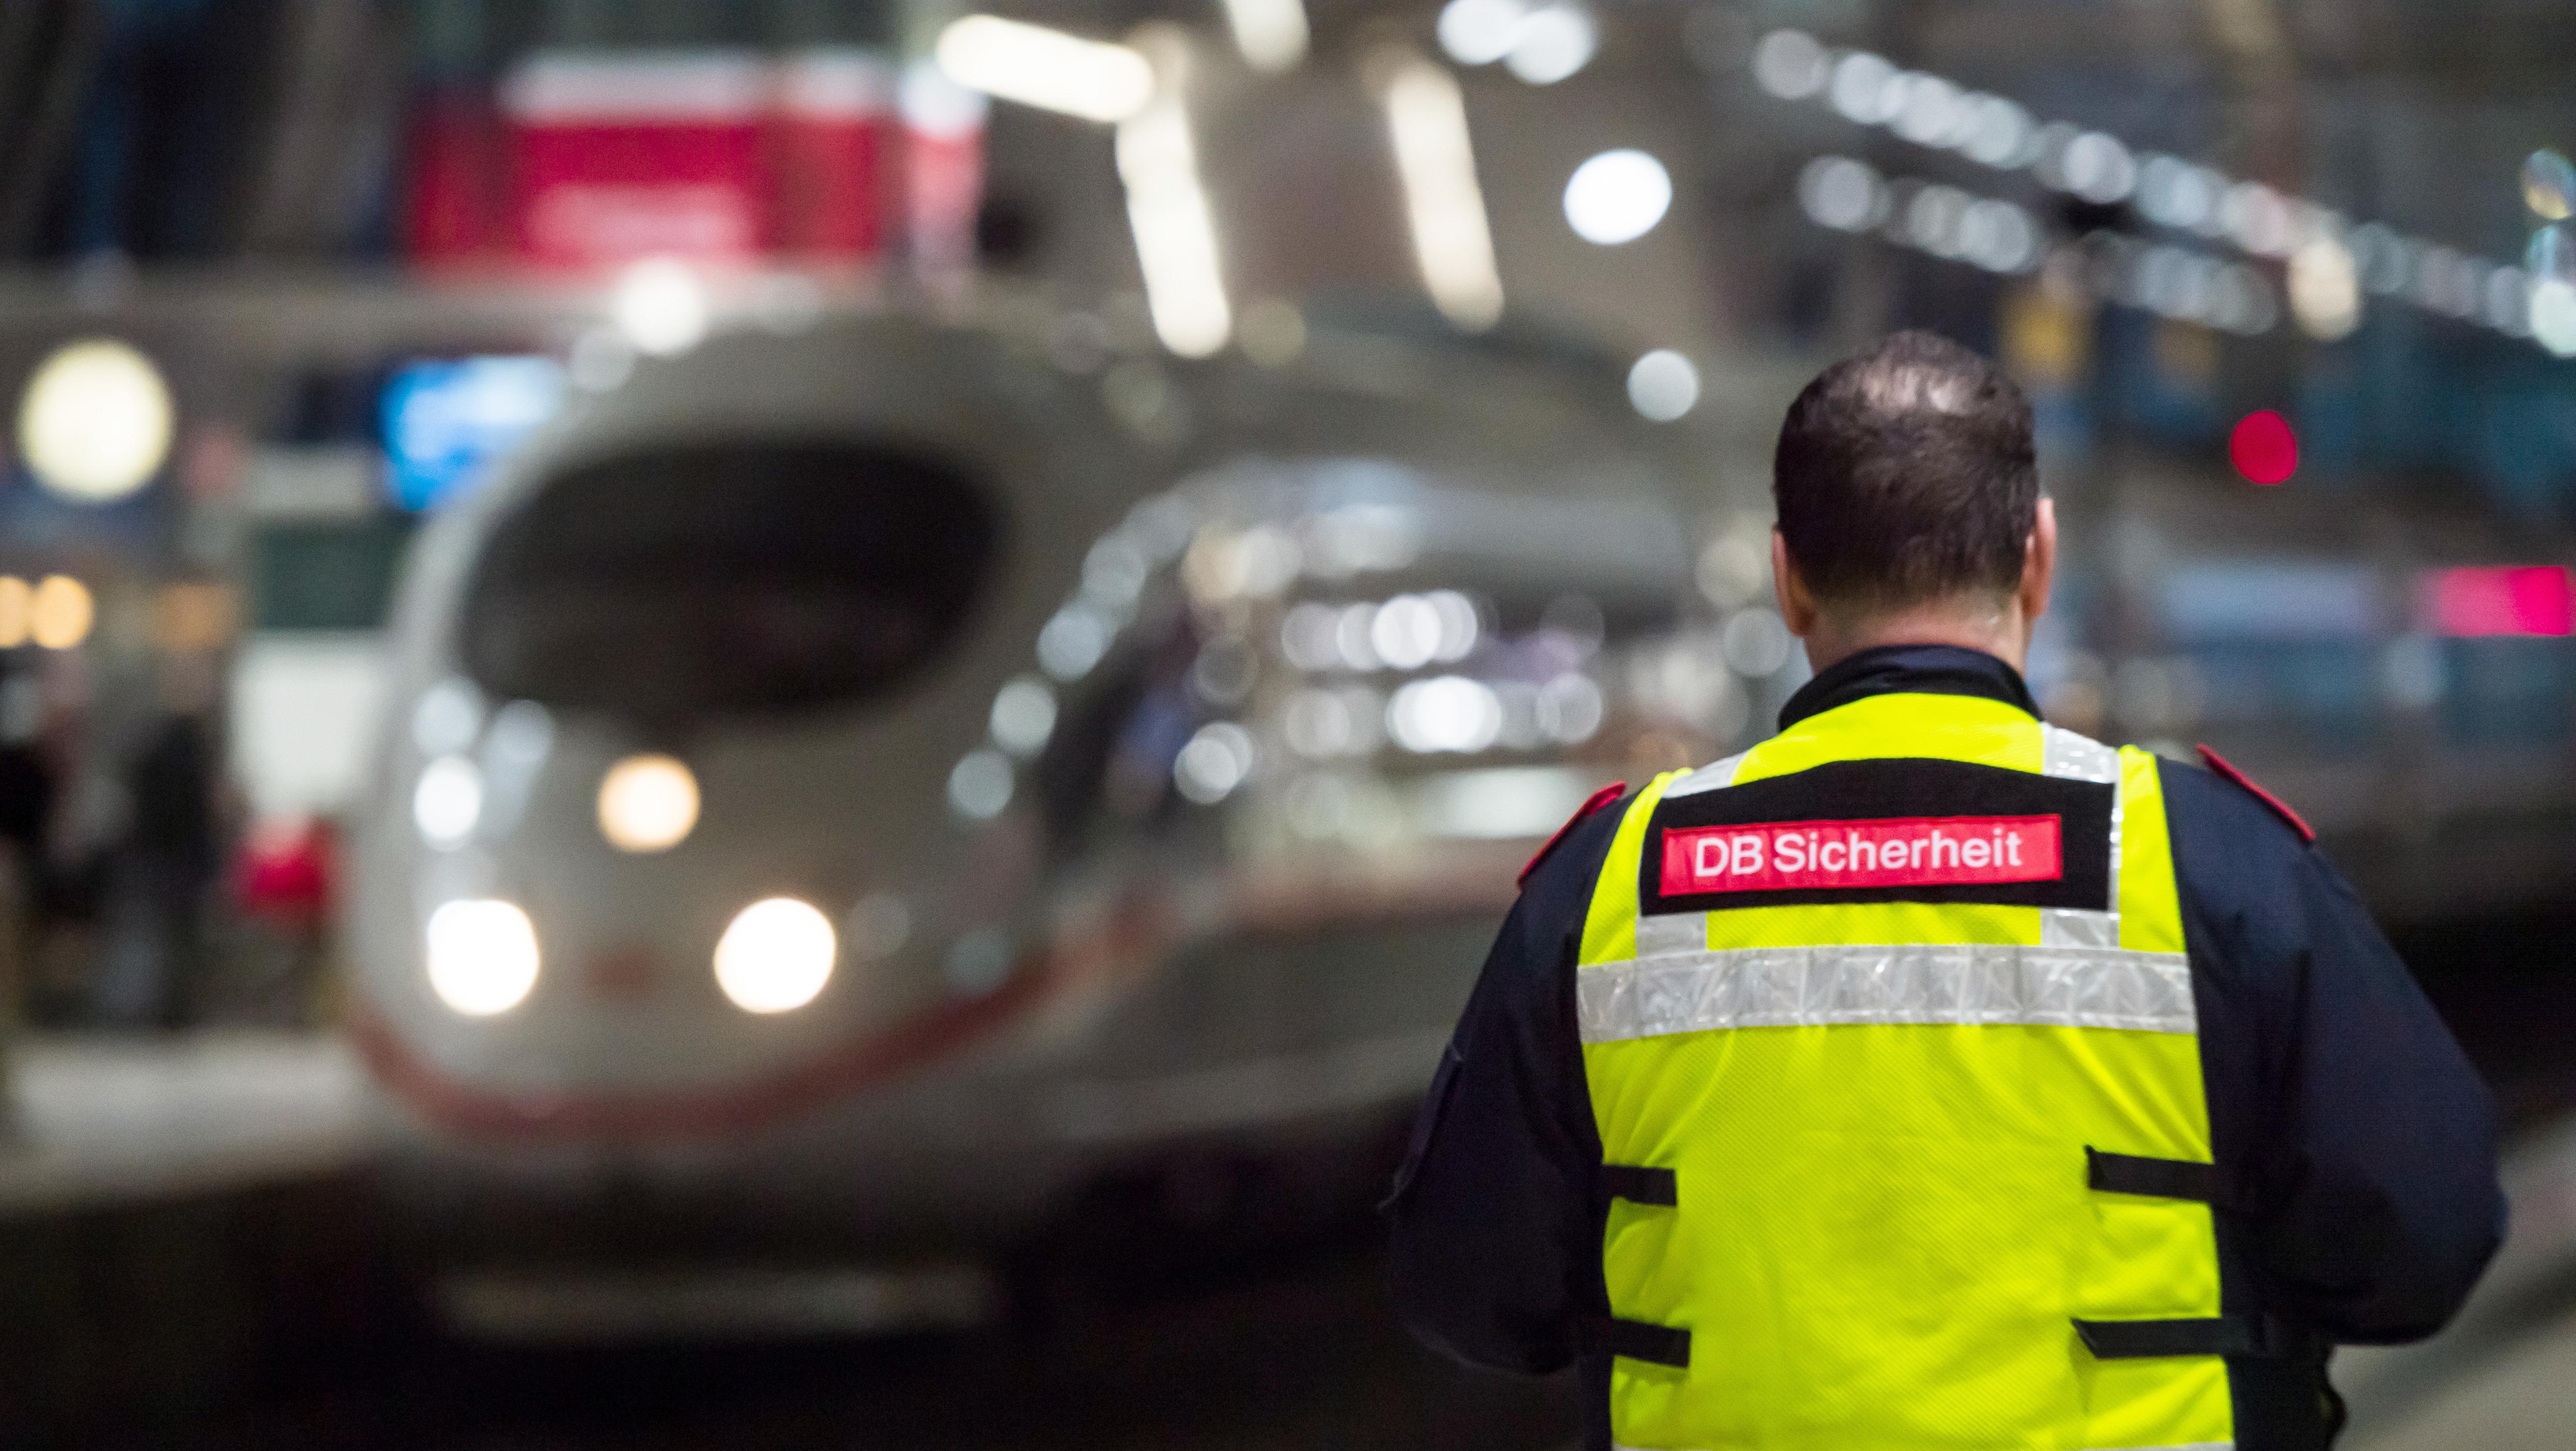 DB-Sicherheitsmitarbeiter auf dem Bahnsteig des Flughafens